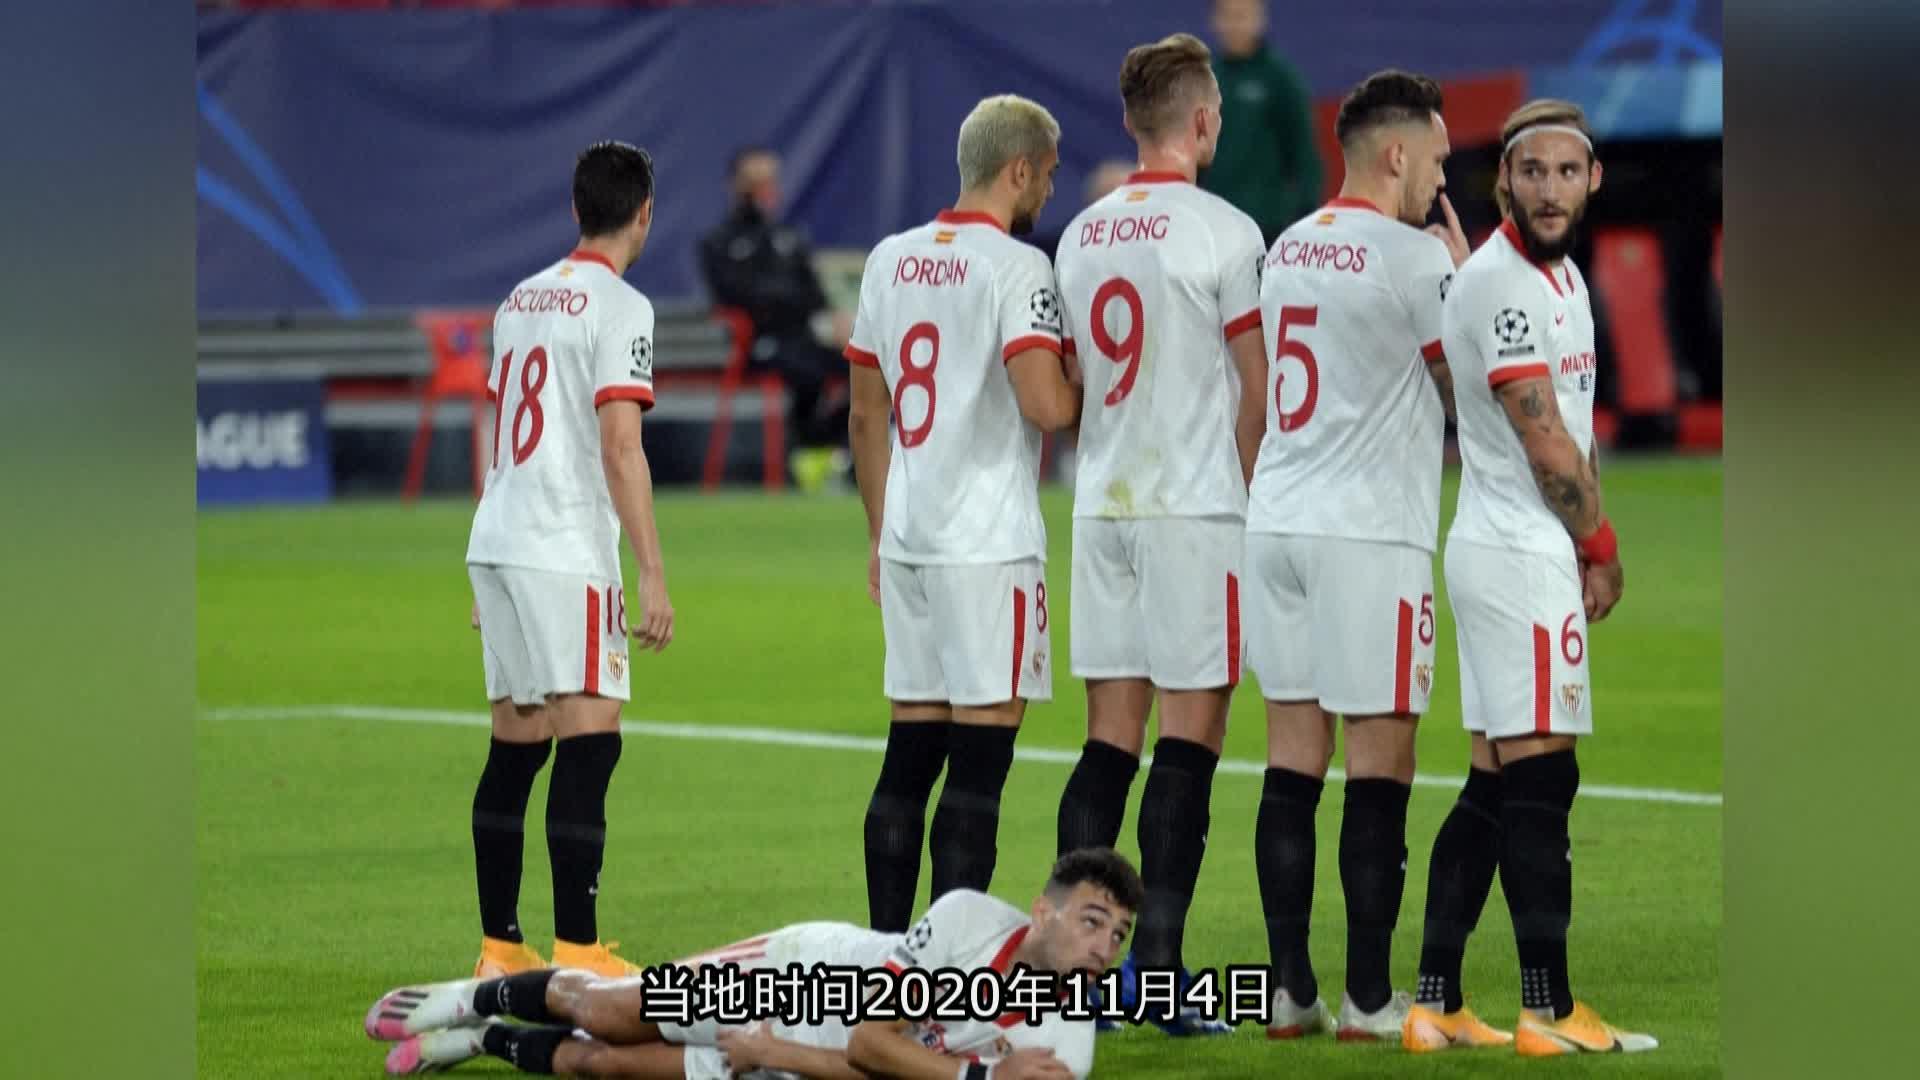 欧冠小组赛:塞维利亚对阵克拉斯诺达尔的精彩瞬间